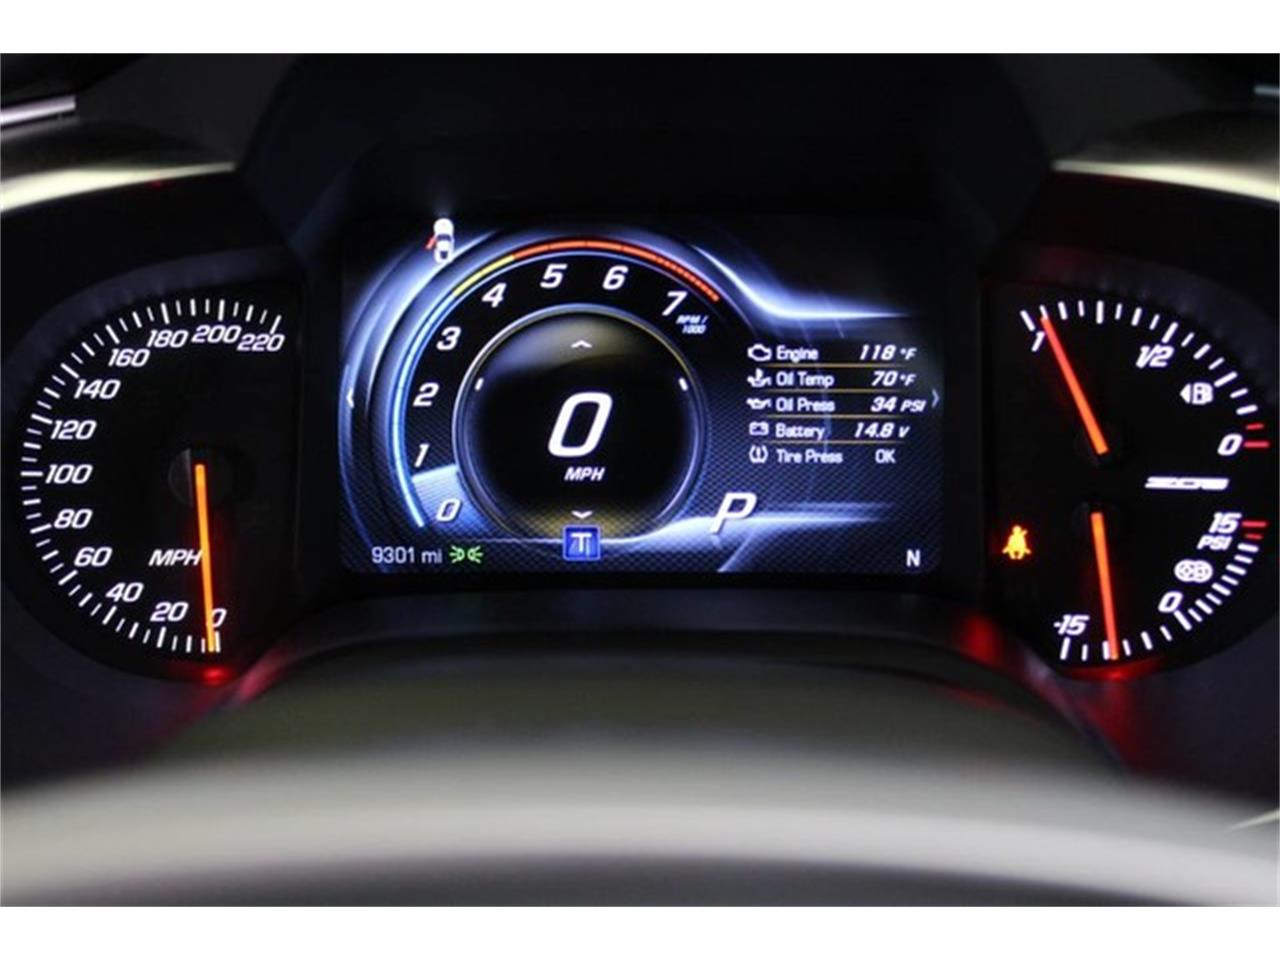 2018 Chevrolet Corvette (CC-1208218) for sale in Anaheim, California